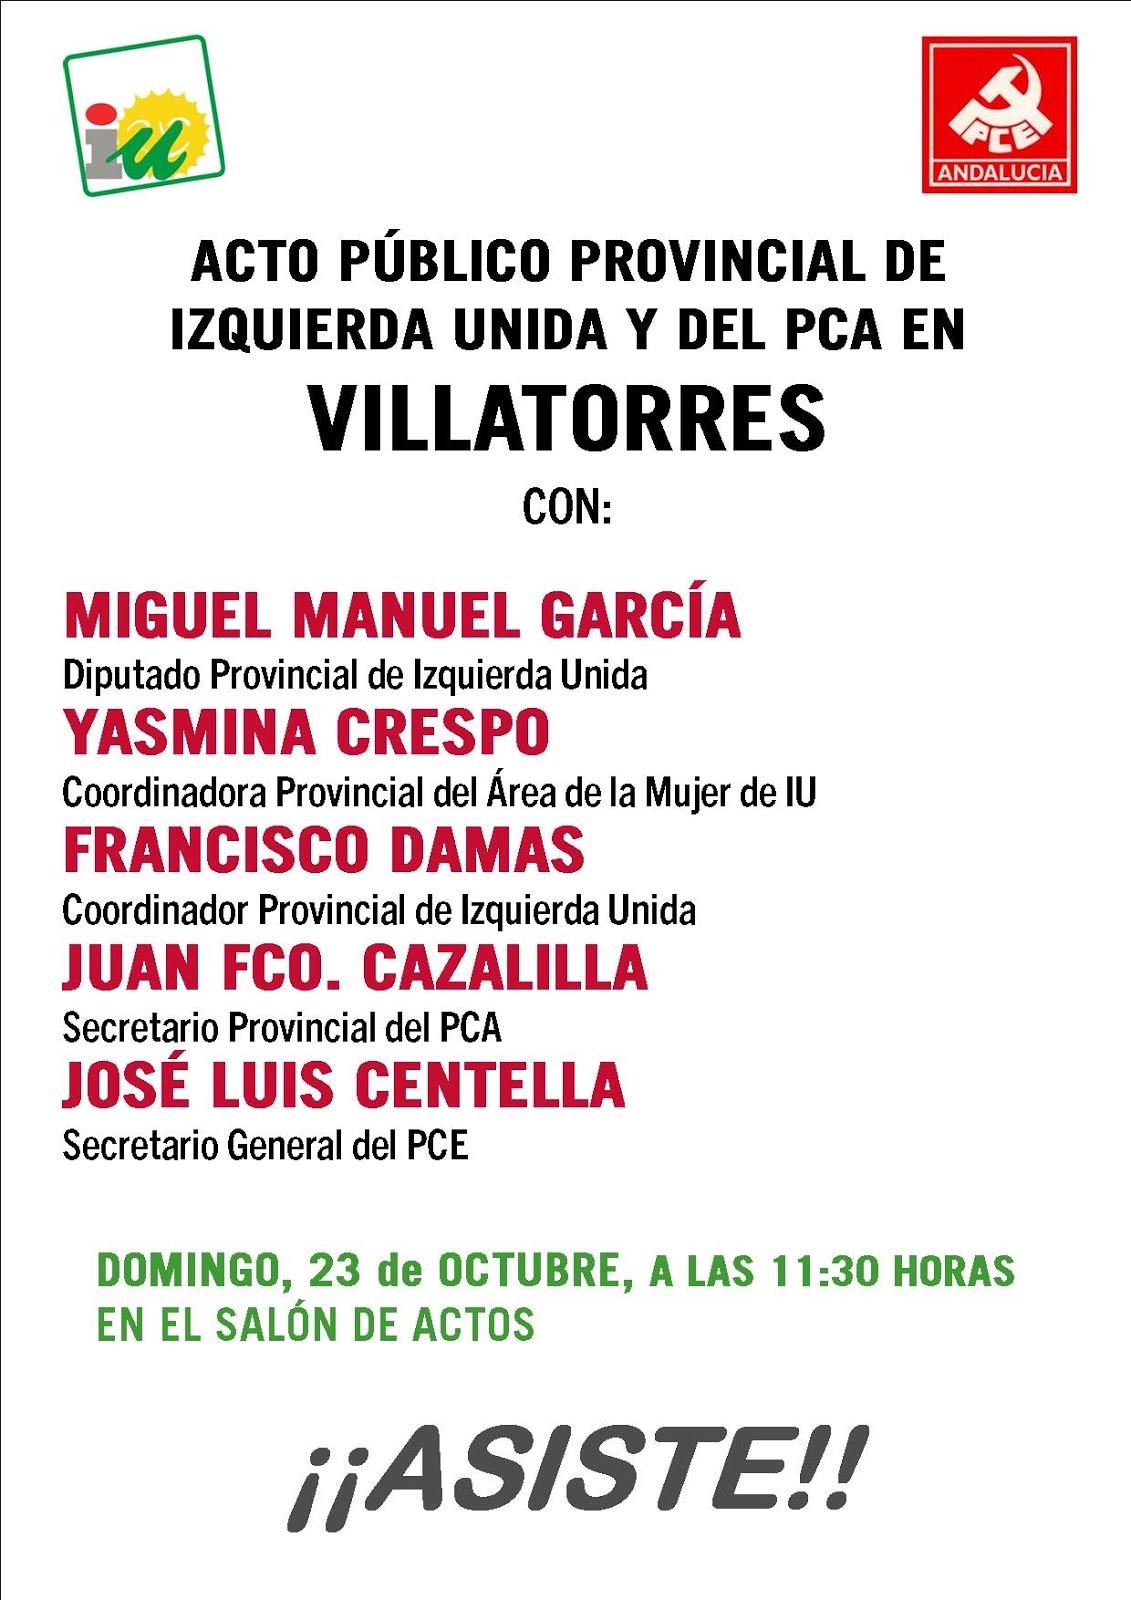 Acto público provincial del Partido Comunista de Andalucia  e IULV-CA en Villatorres